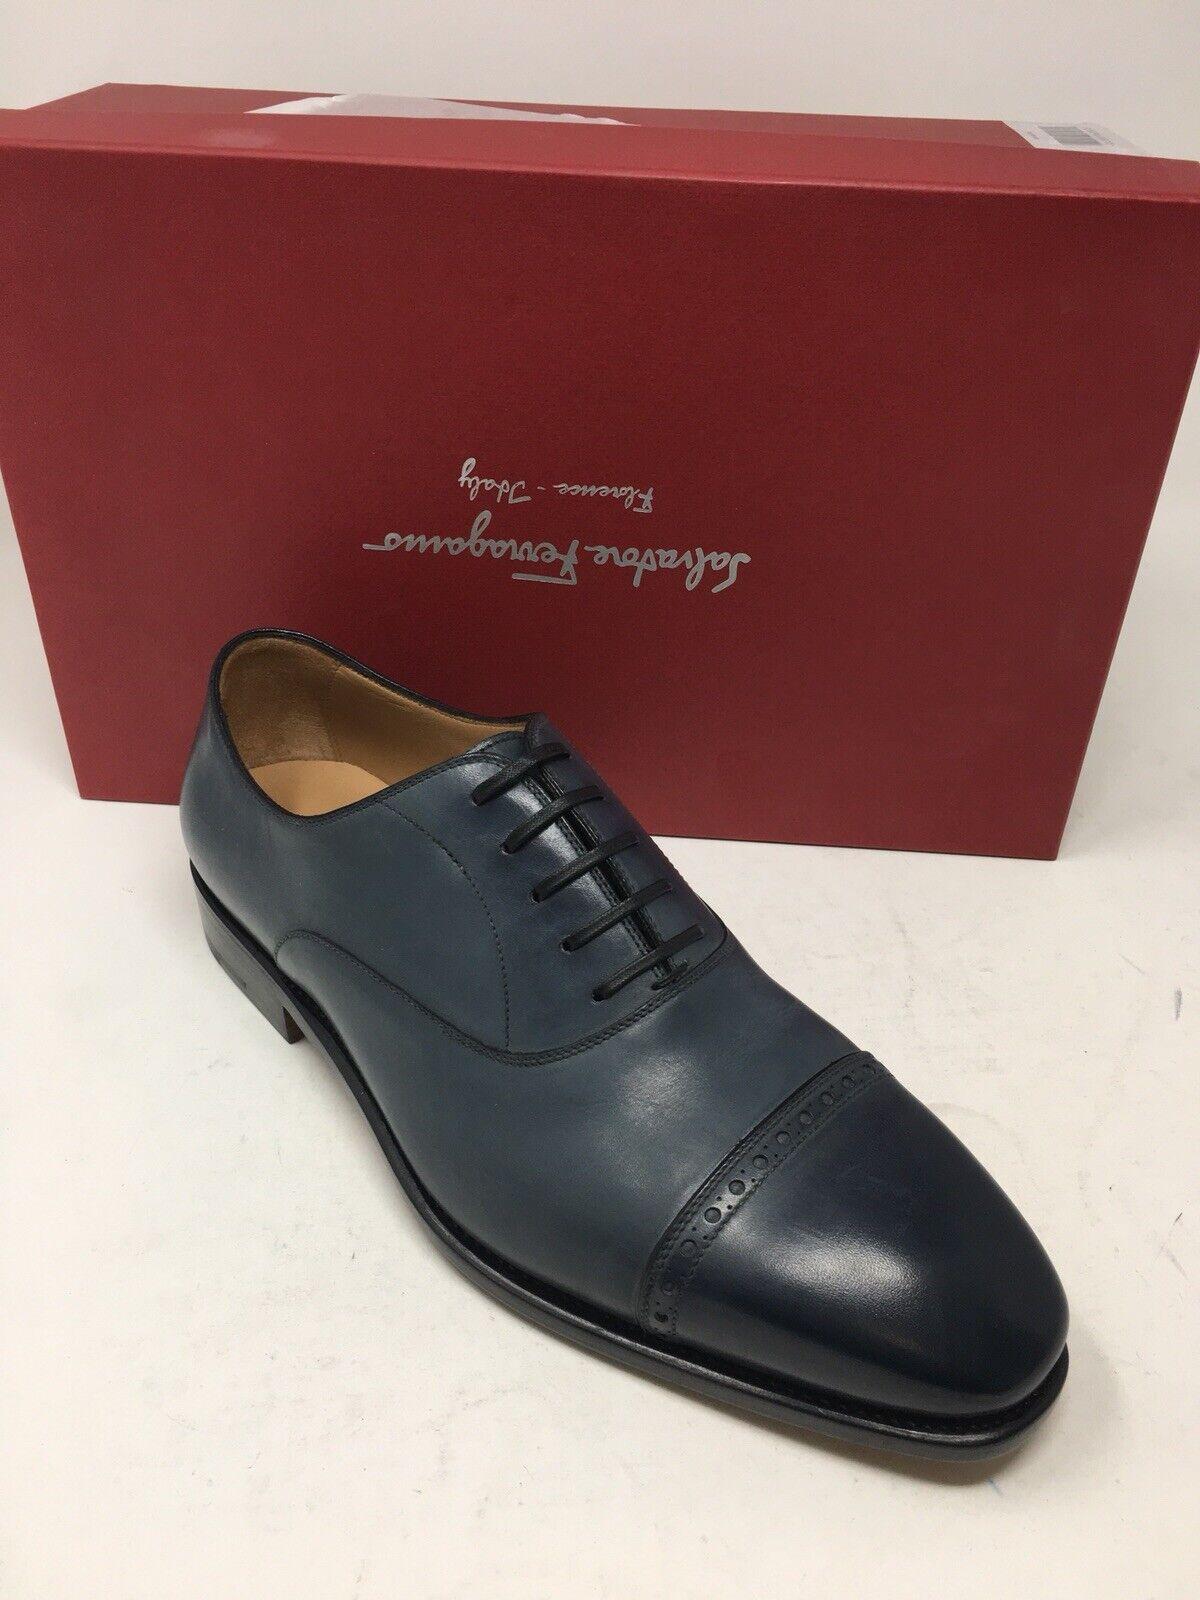 900 Nuovo Salvatore Ferragamo Mens blu  scarpe Tramezza Dimensione 8.5 US 7.5 UK 41.5 EU  colorways incredibili